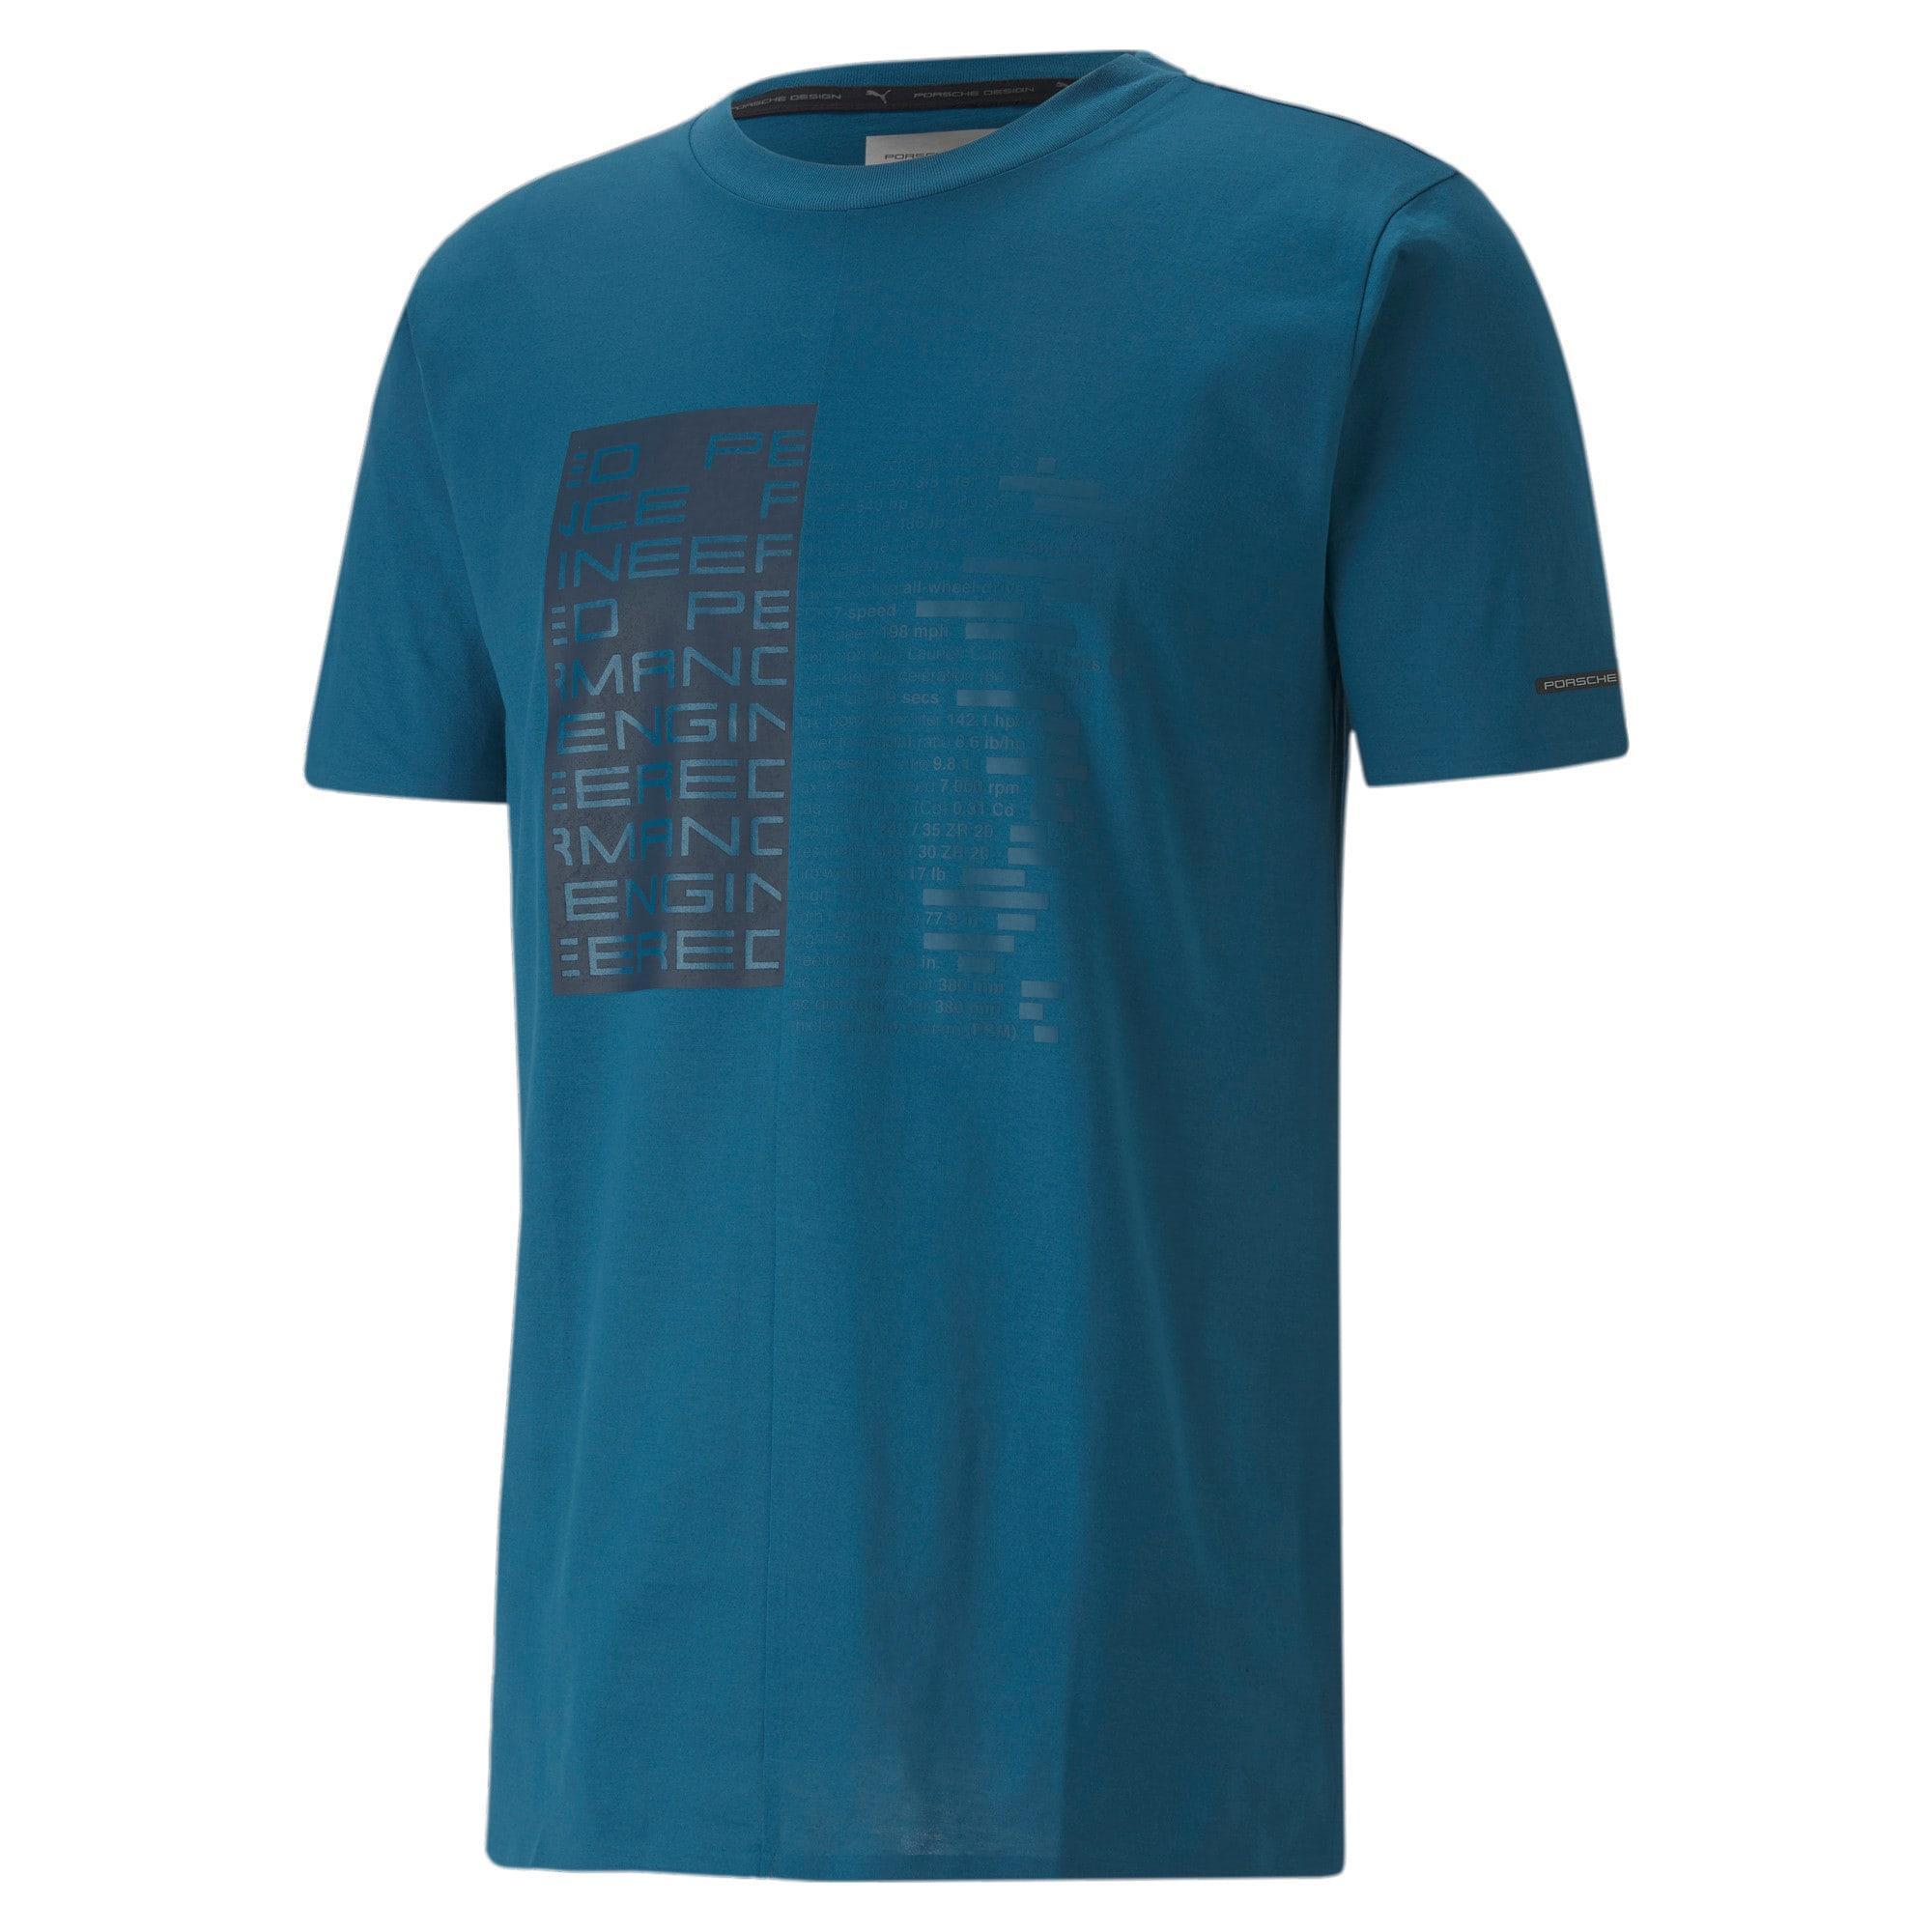 Thumbnail 4 of M ポルシェデザイン PD グラフィック Tシャツ, Moroccan Blue, medium-JPN